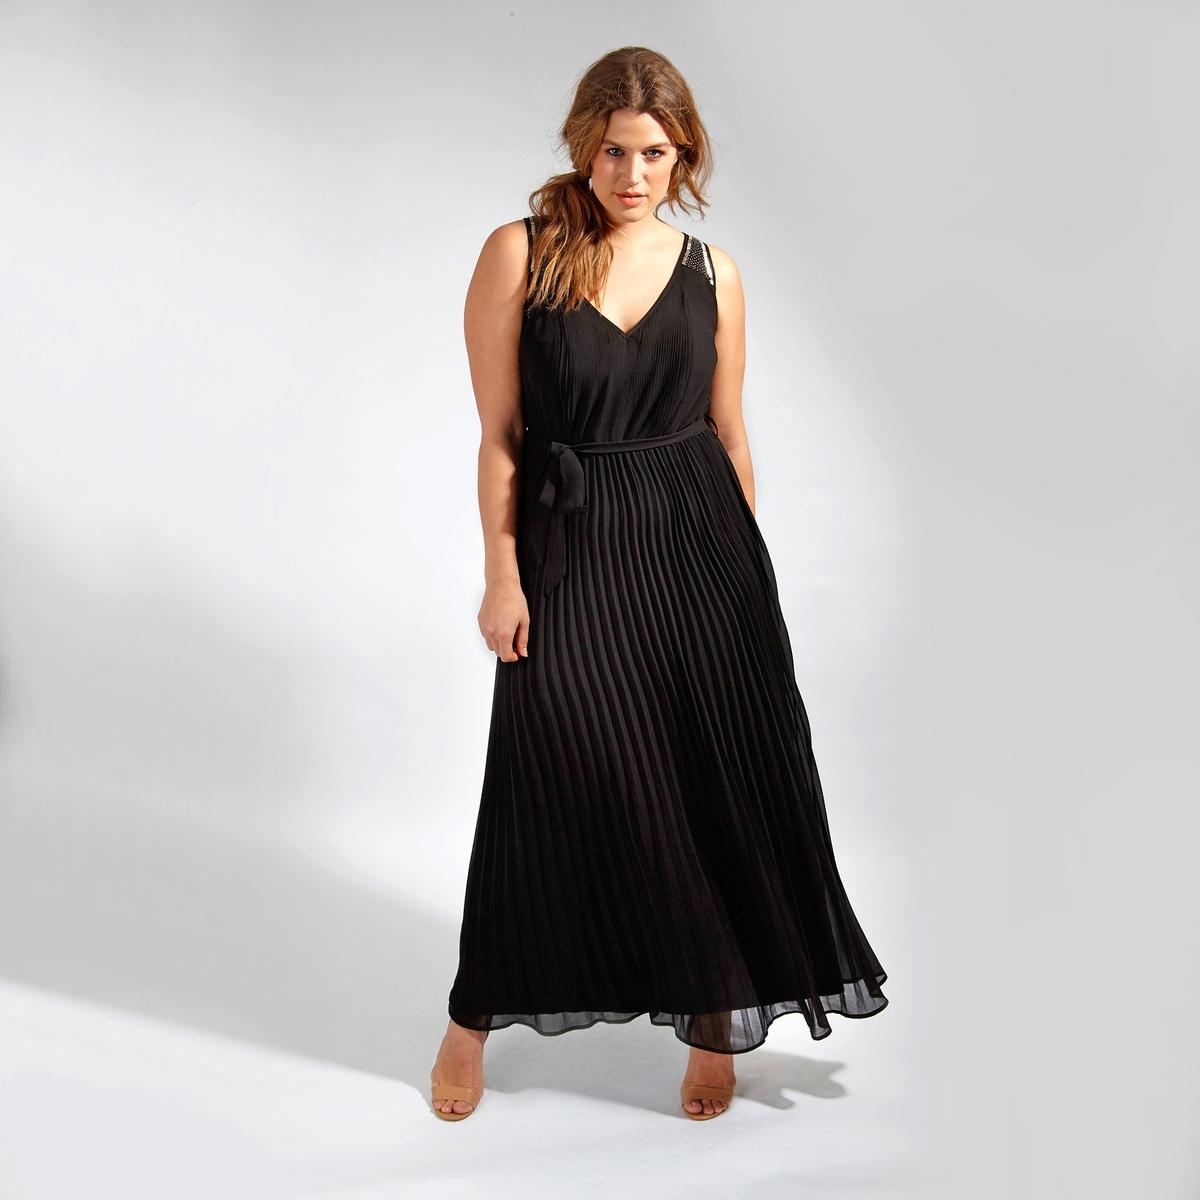 Платье длинноеДлинное платье LOVEDROBE без рукавов. Завязки на поясе. Юбка с эффектом плиссе. Оригинальные детали из бисера на бретелях. 100% полиэстер<br><br>Цвет: черный<br>Размер: 48 (FR) - 54 (RUS).44 (FR) - 50 (RUS)